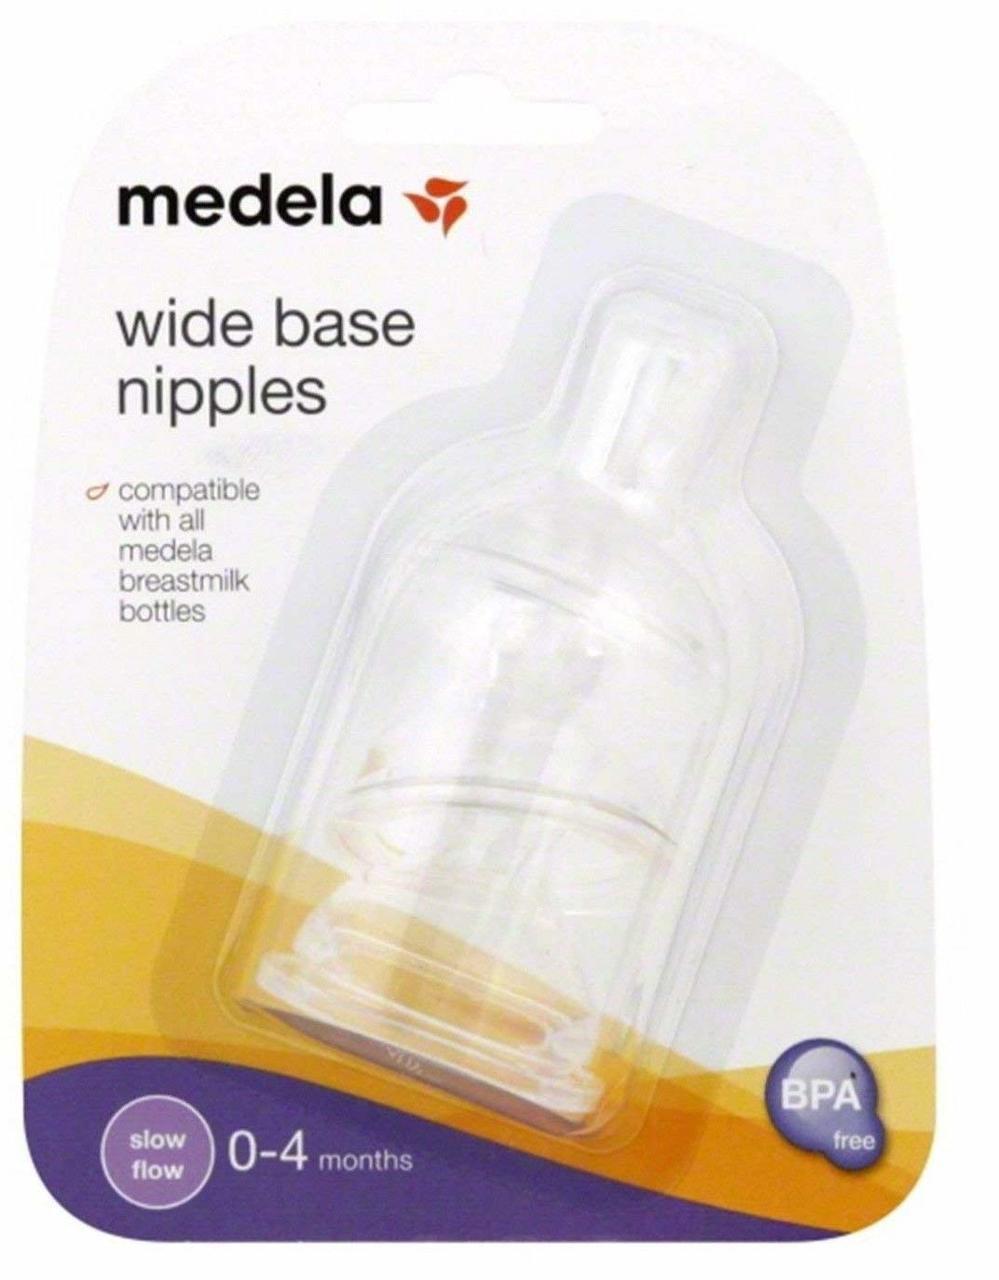 3 Pk Medela Wide Base Nipple Slow Flow by Medela